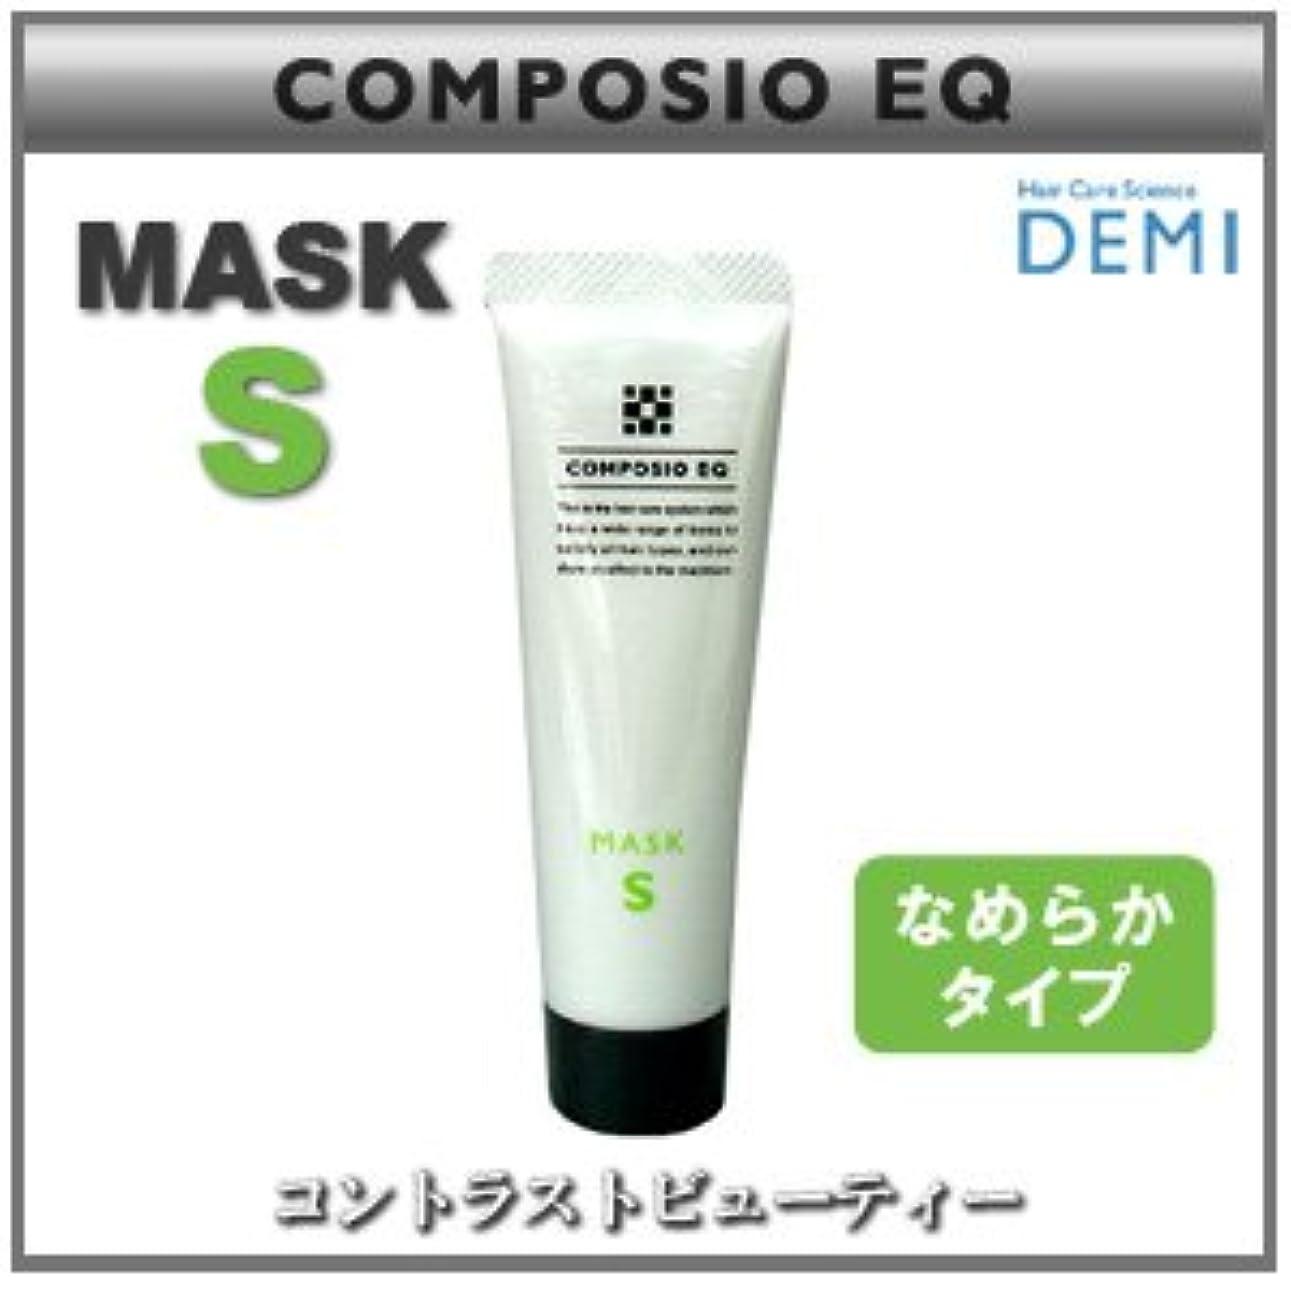 サーフィン中傷テニス【X3個セット】 デミ コンポジオ EQ マスク S 50g